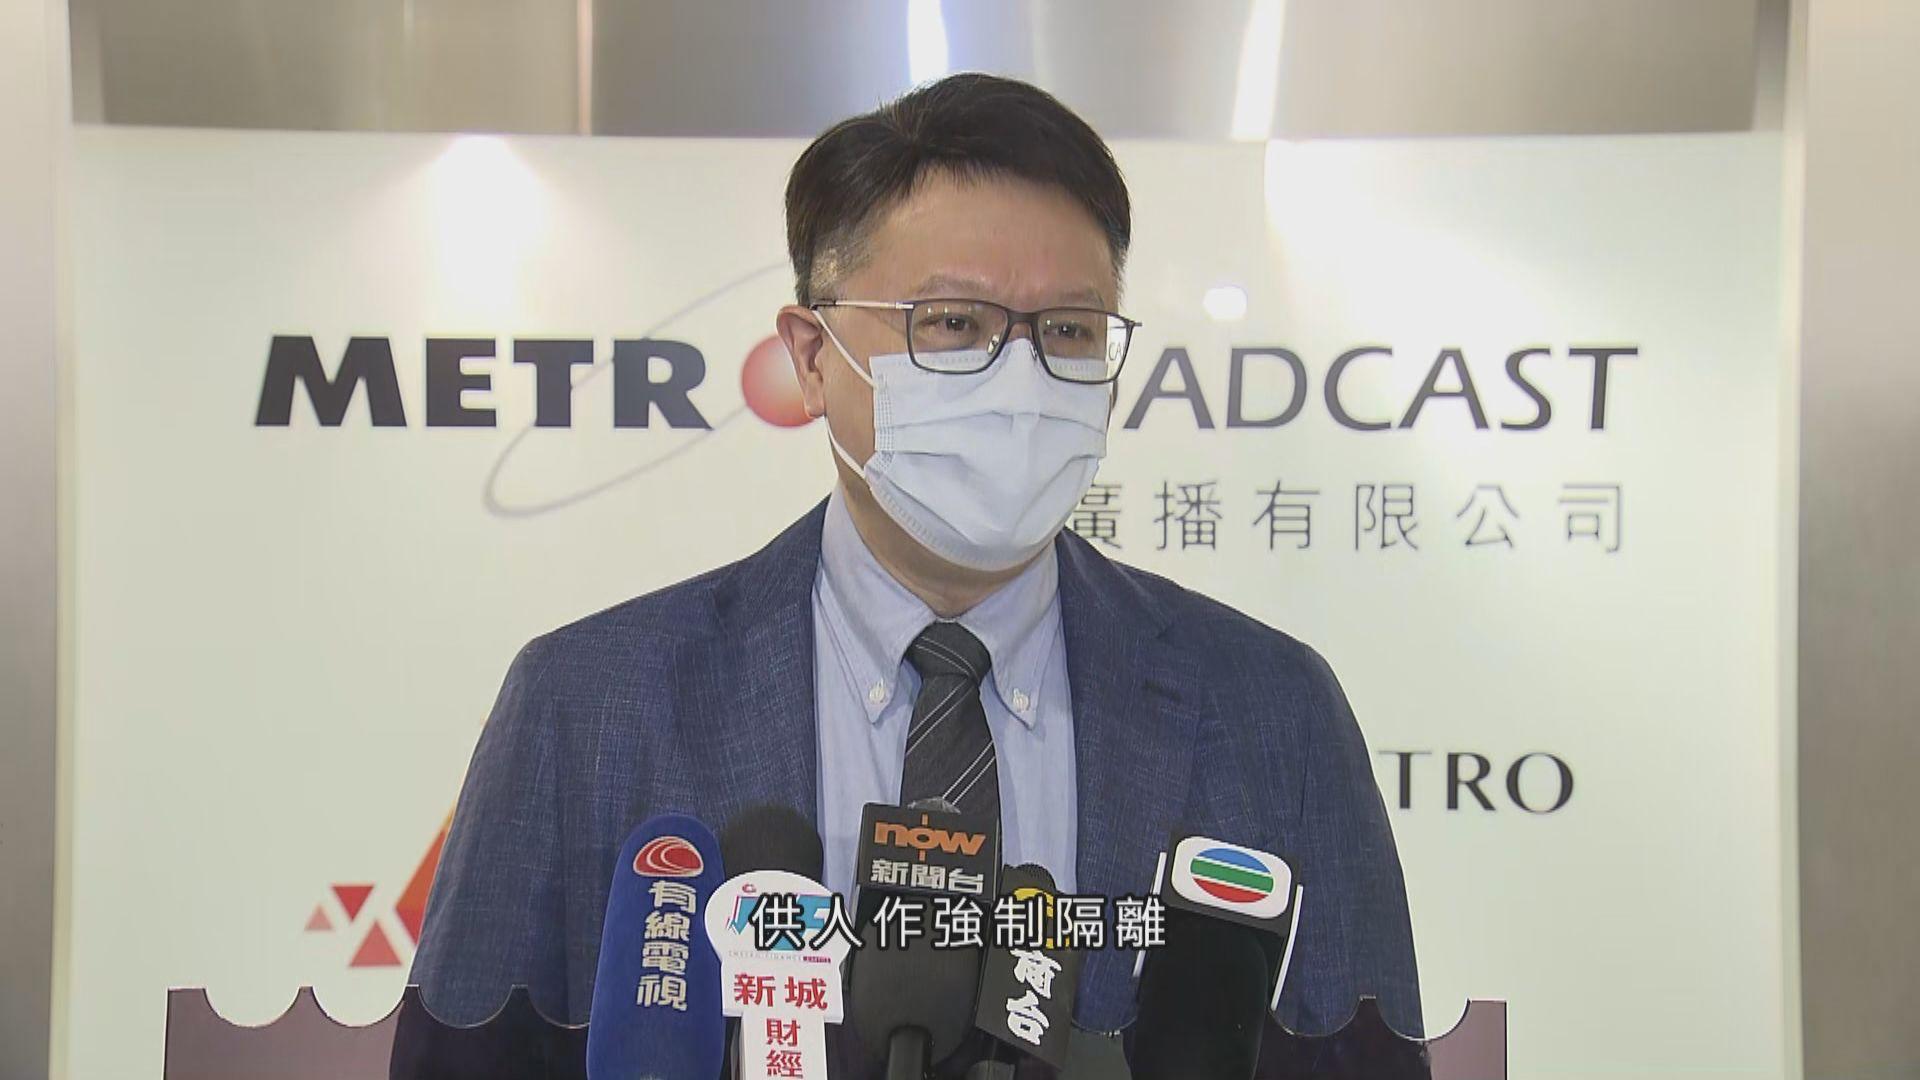 許樹昌:強制隔離所有抵港旅客須考慮設施是否足夠